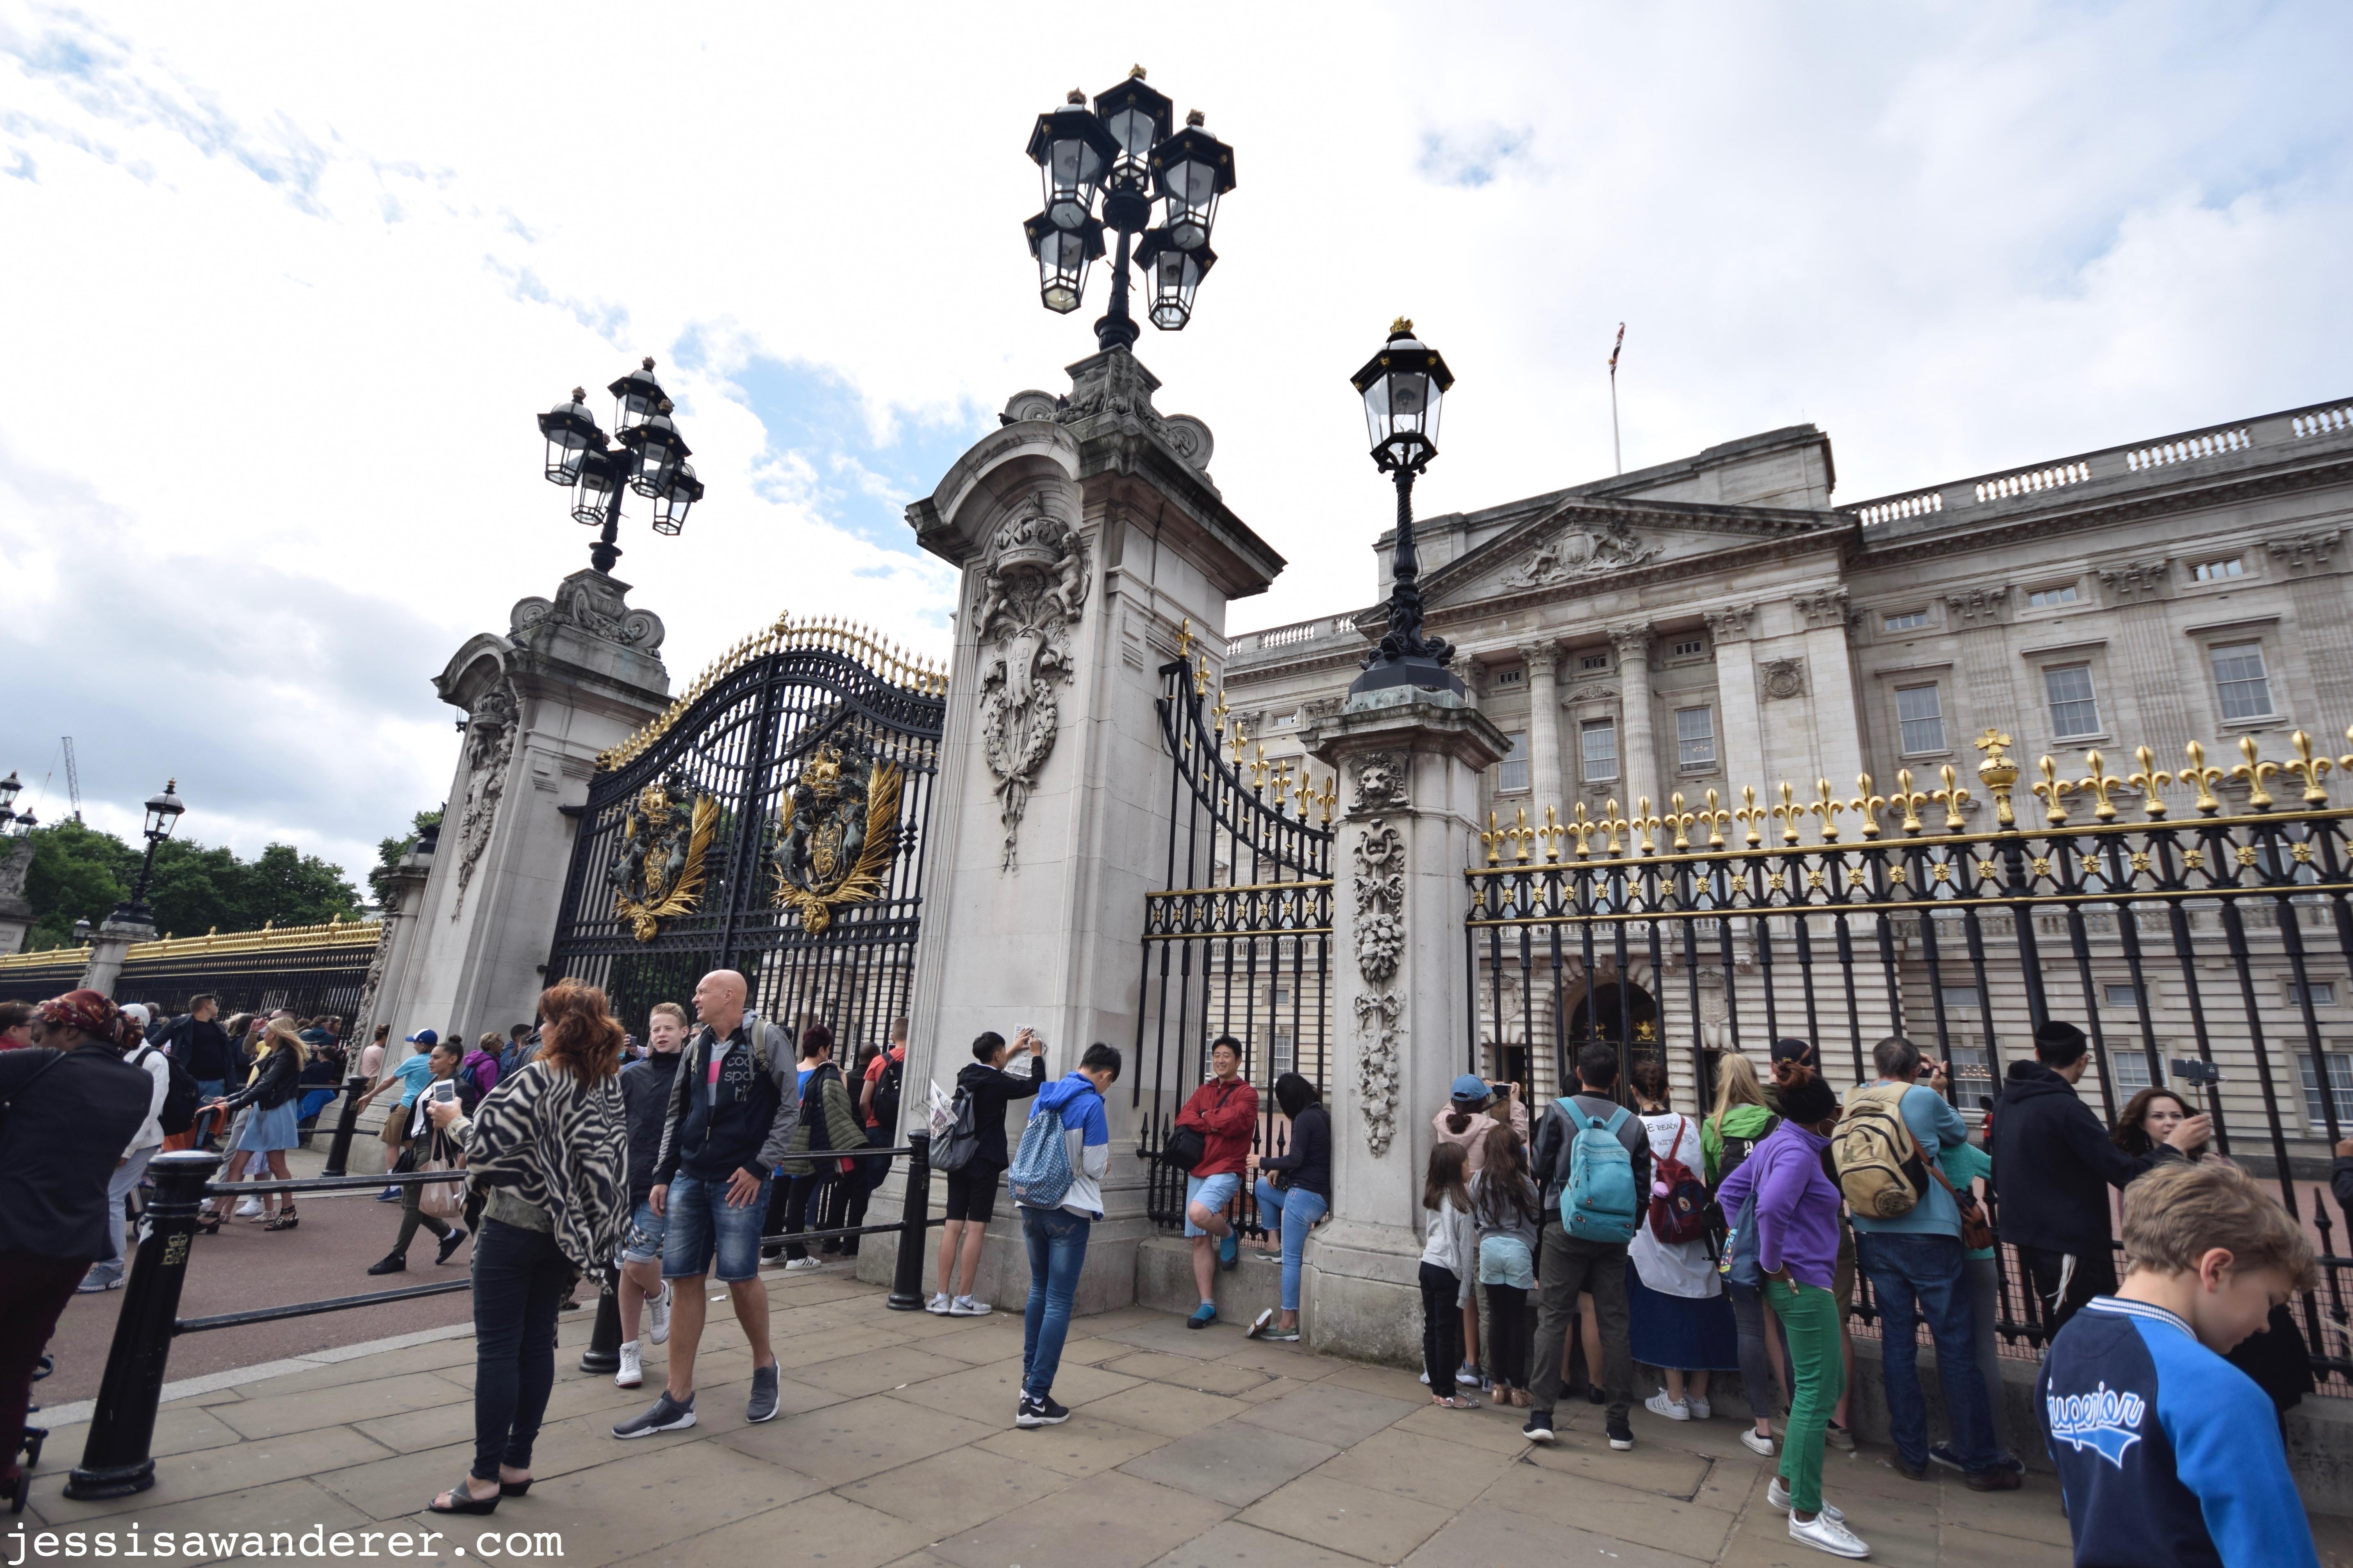 Busy Buckingham Gates